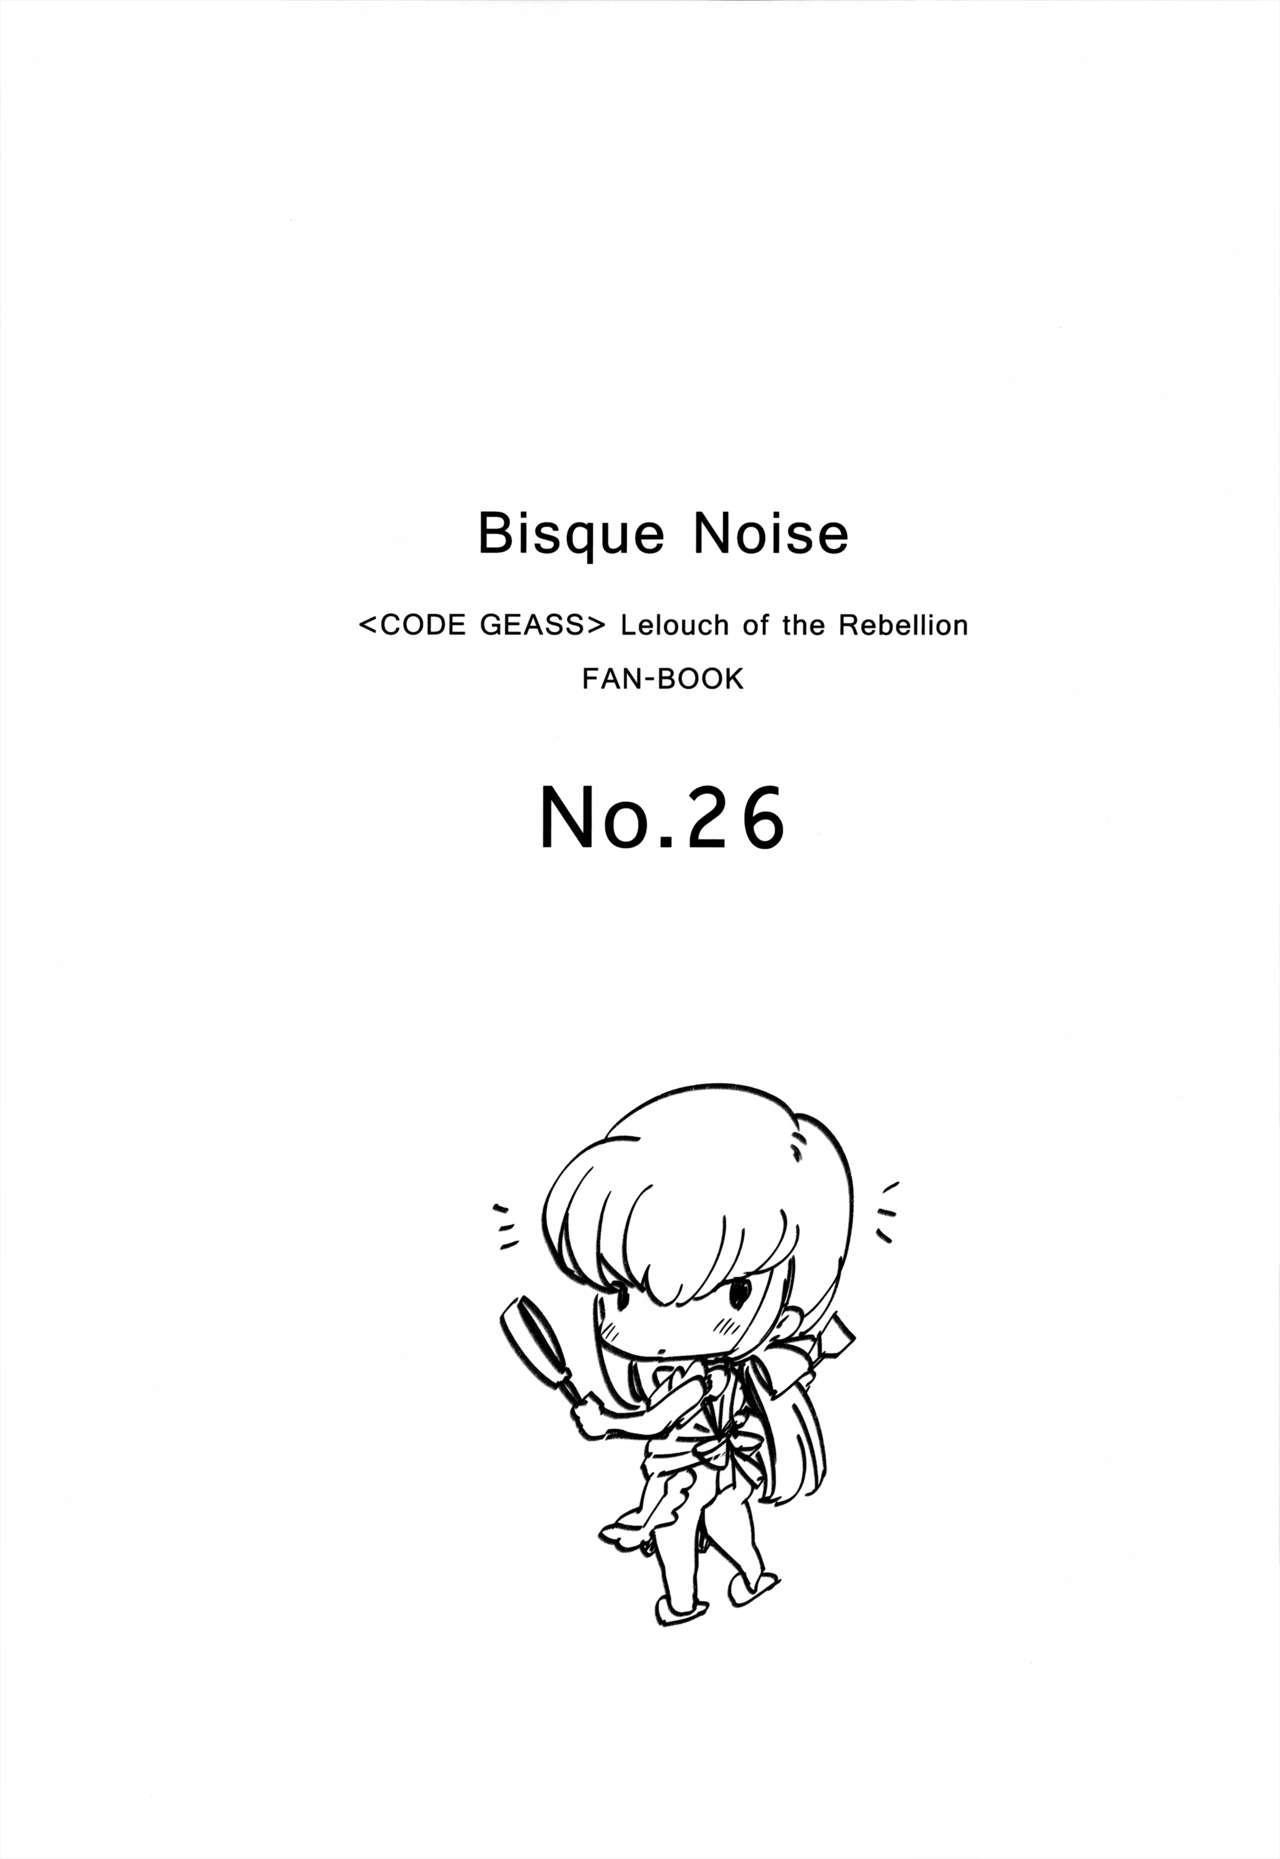 Bisque Noise 2